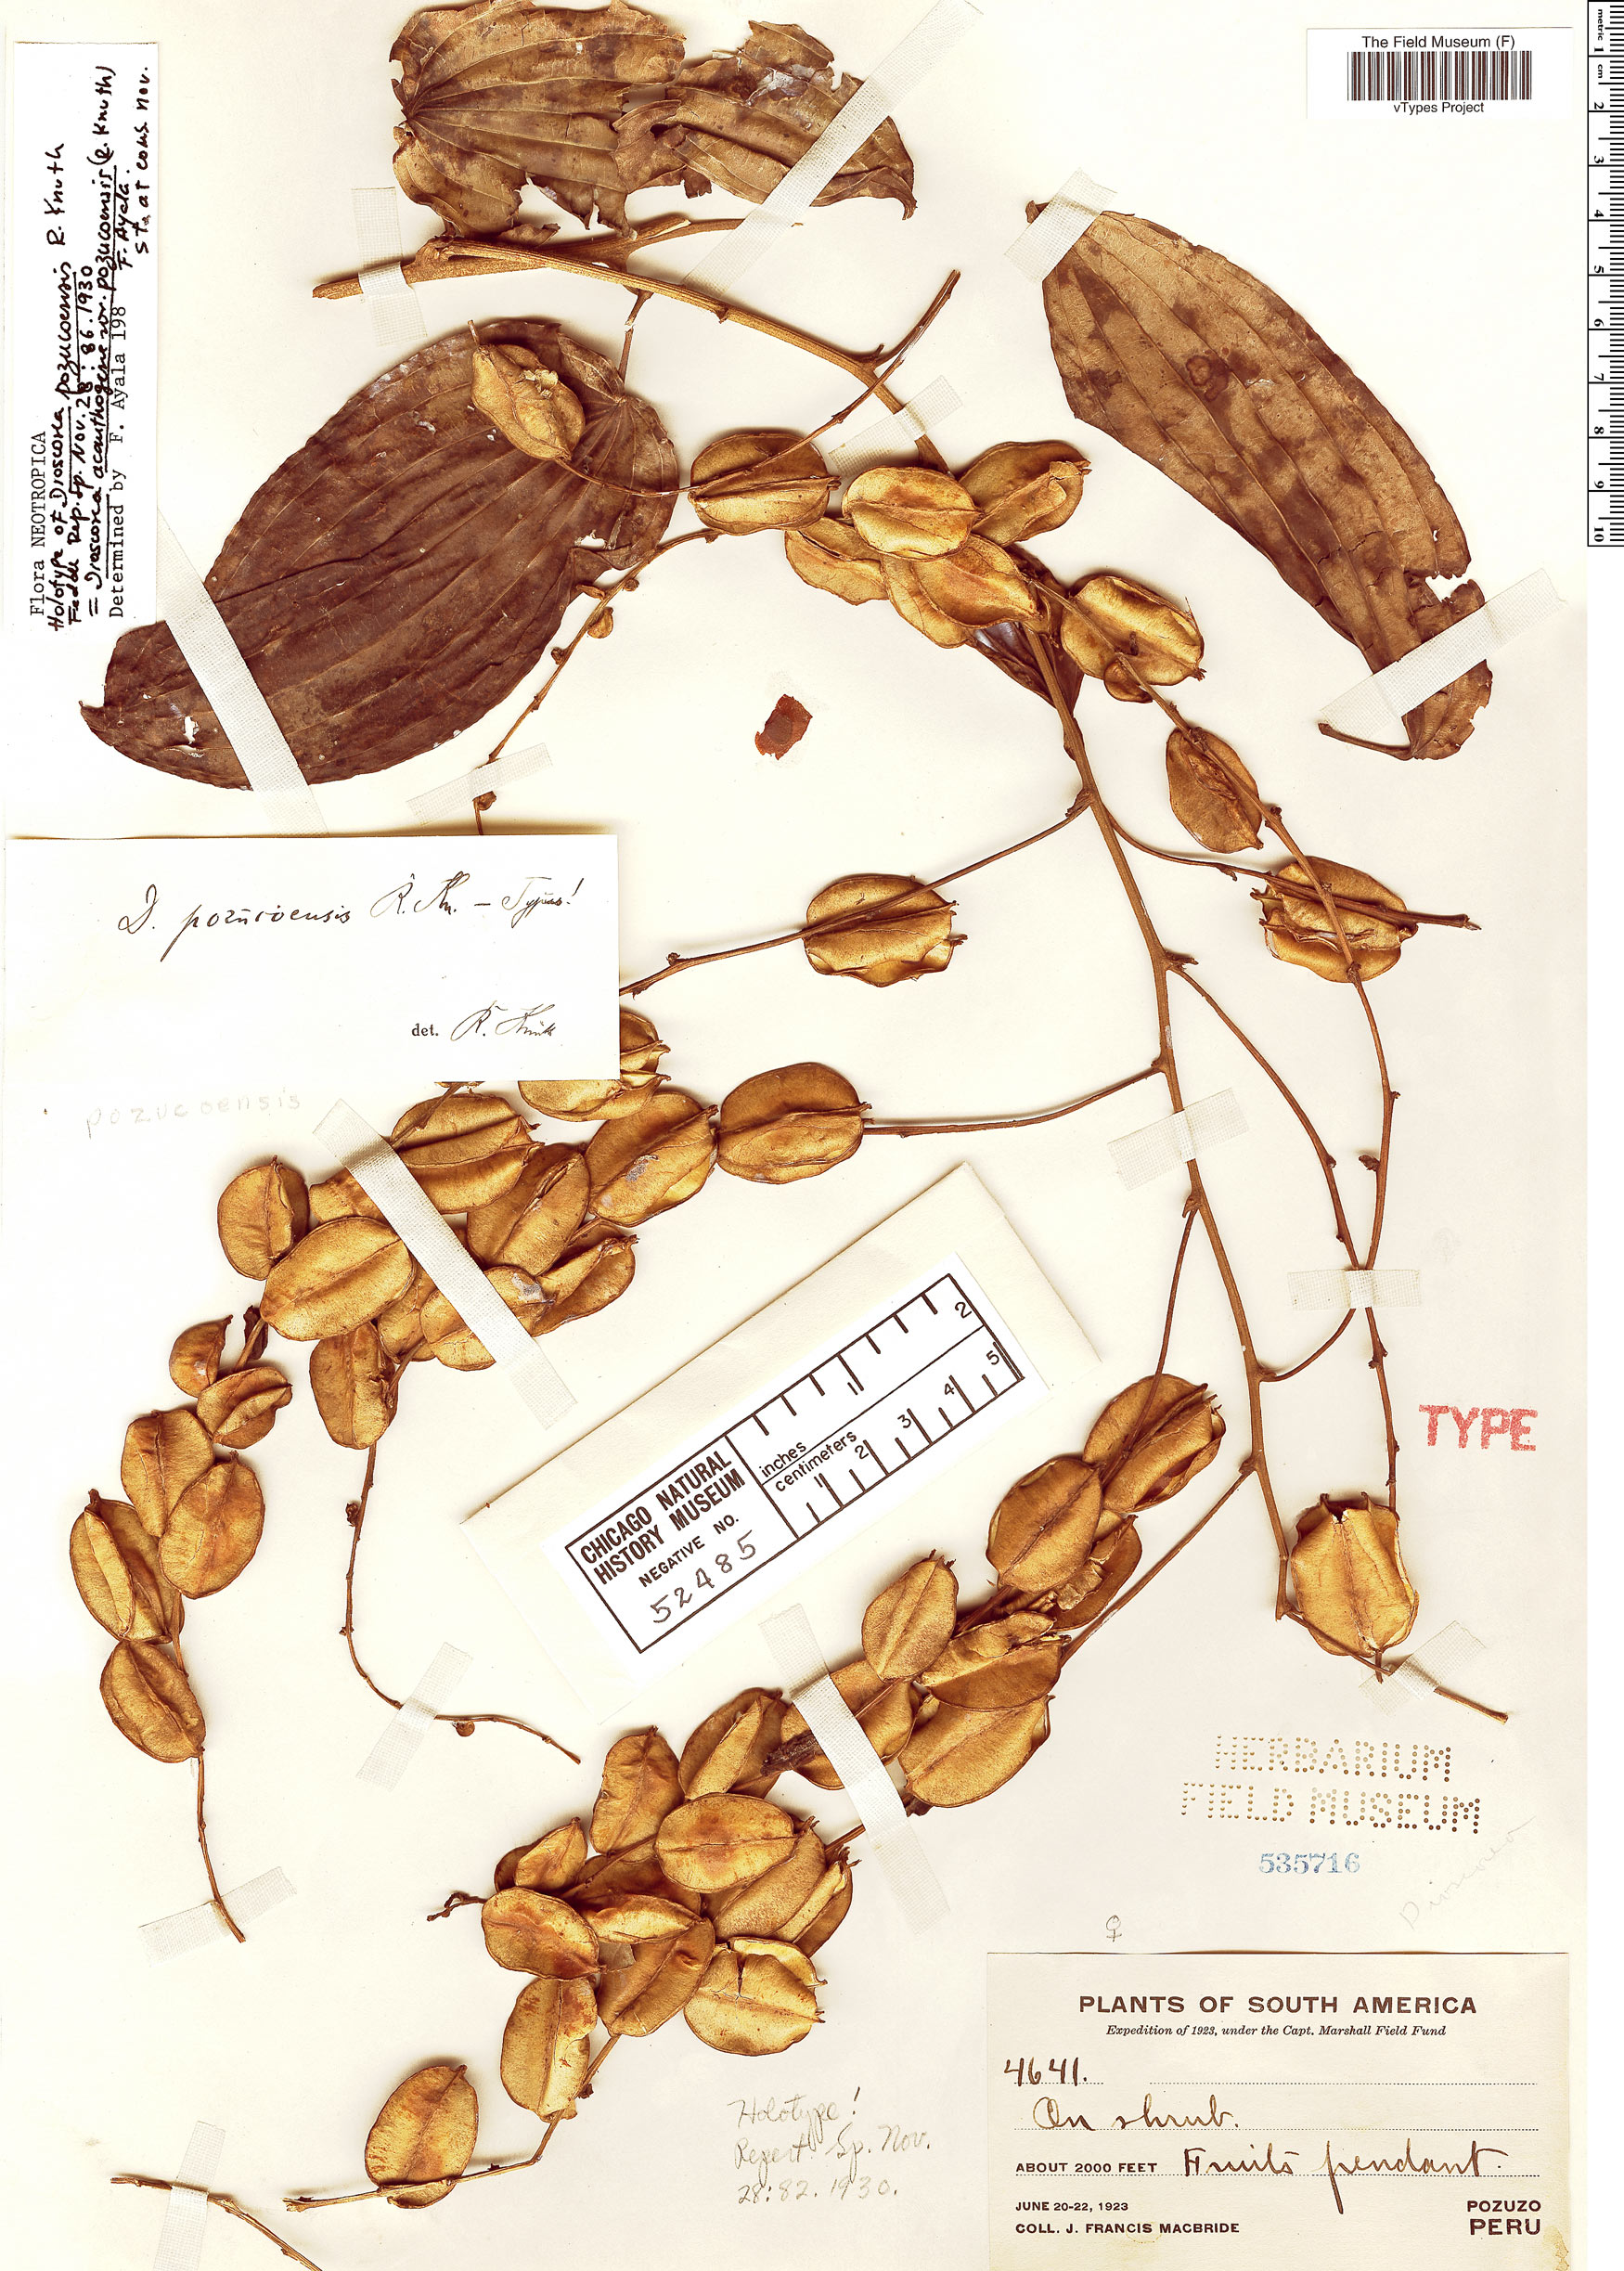 Specimen: Dioscorea acanthogene